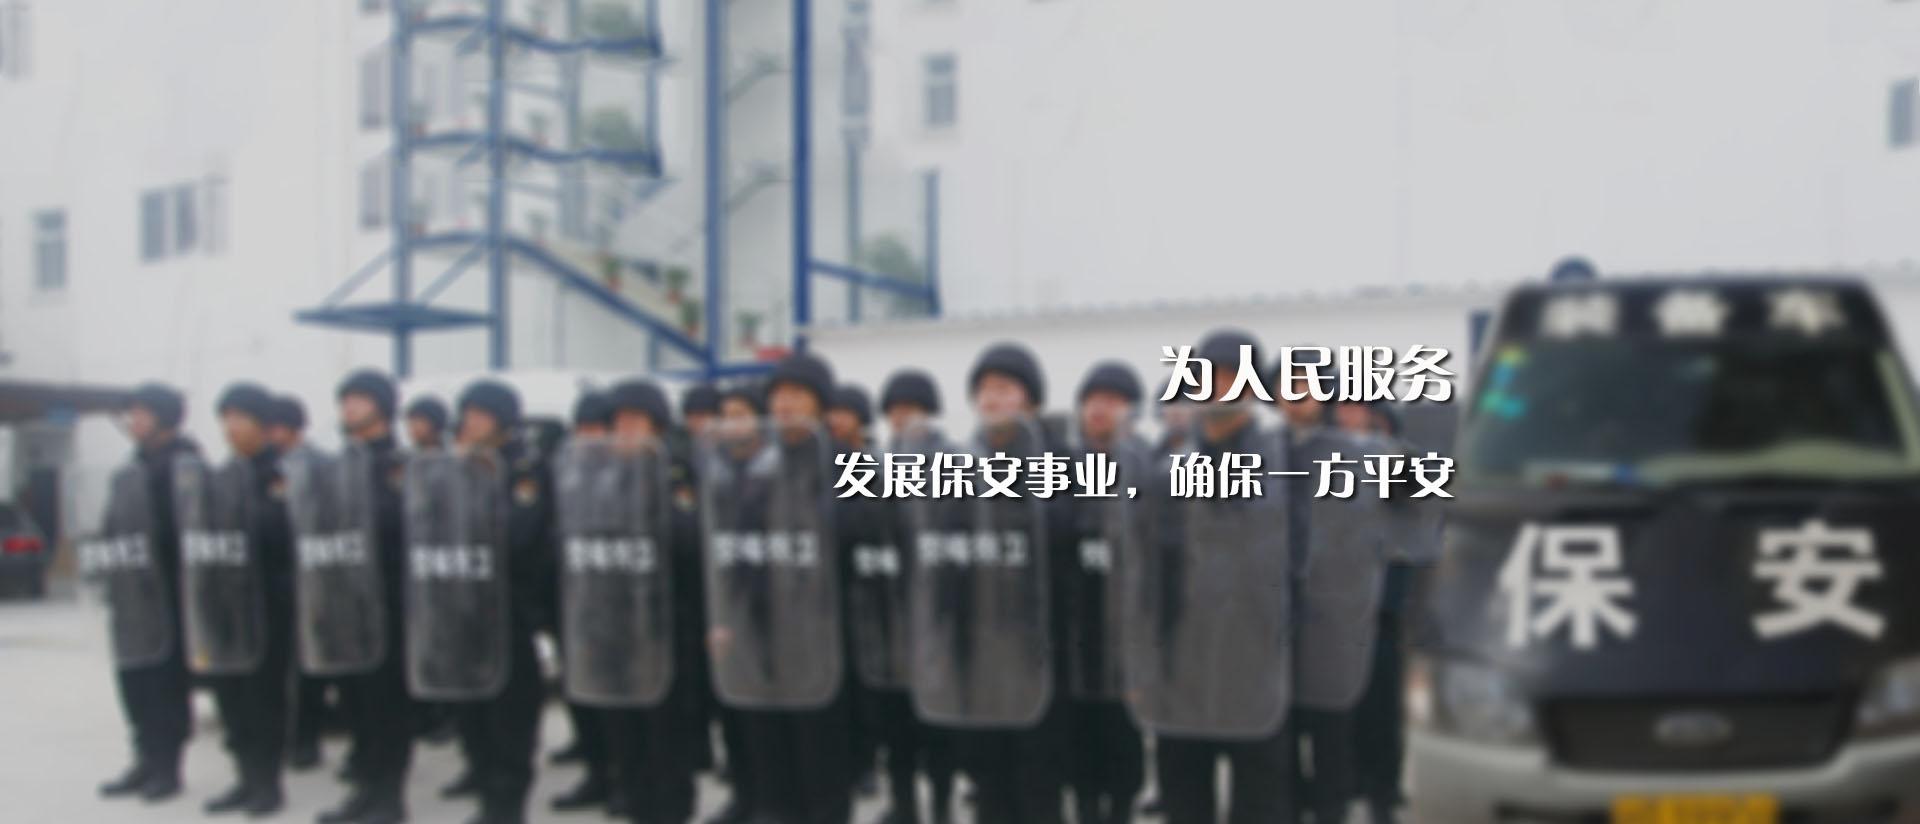 內蒙古安保服務